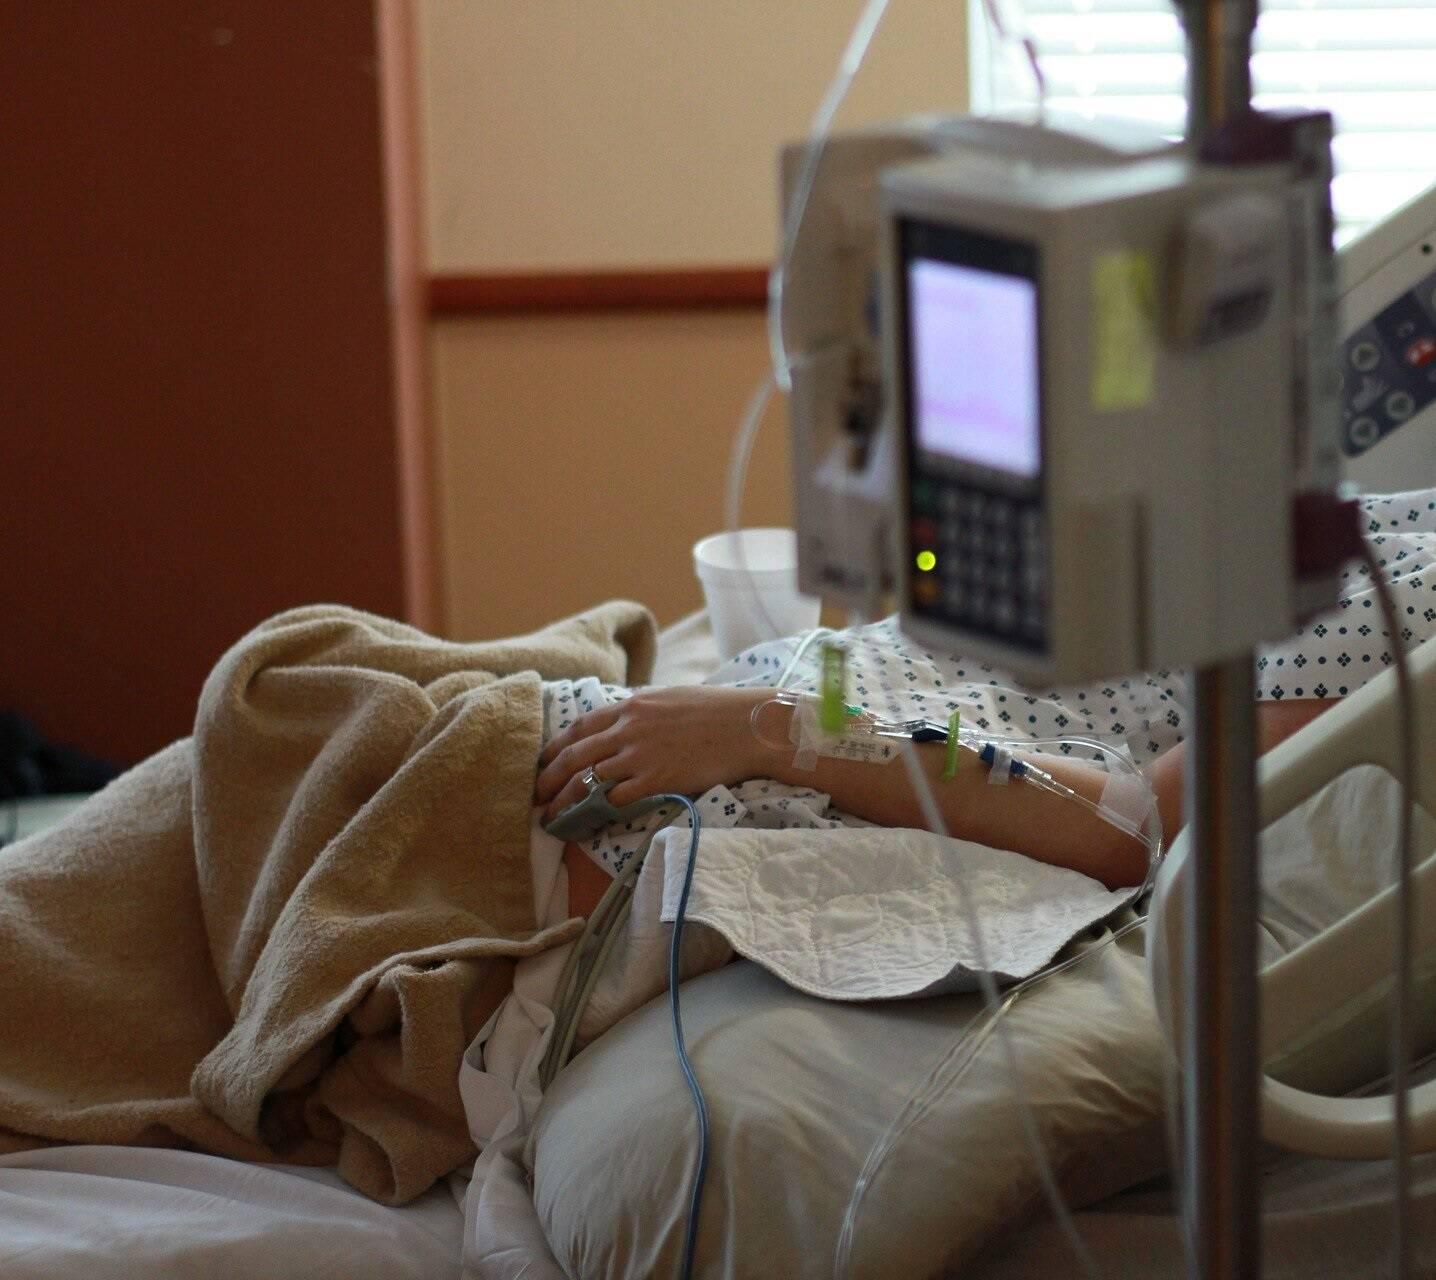 Nos últimos dias, cerca de 1,4 mil crianças foram hospitalizadas no país, sendo o maior número já registrado durante toda a pandemia (Foto: Pixabay)